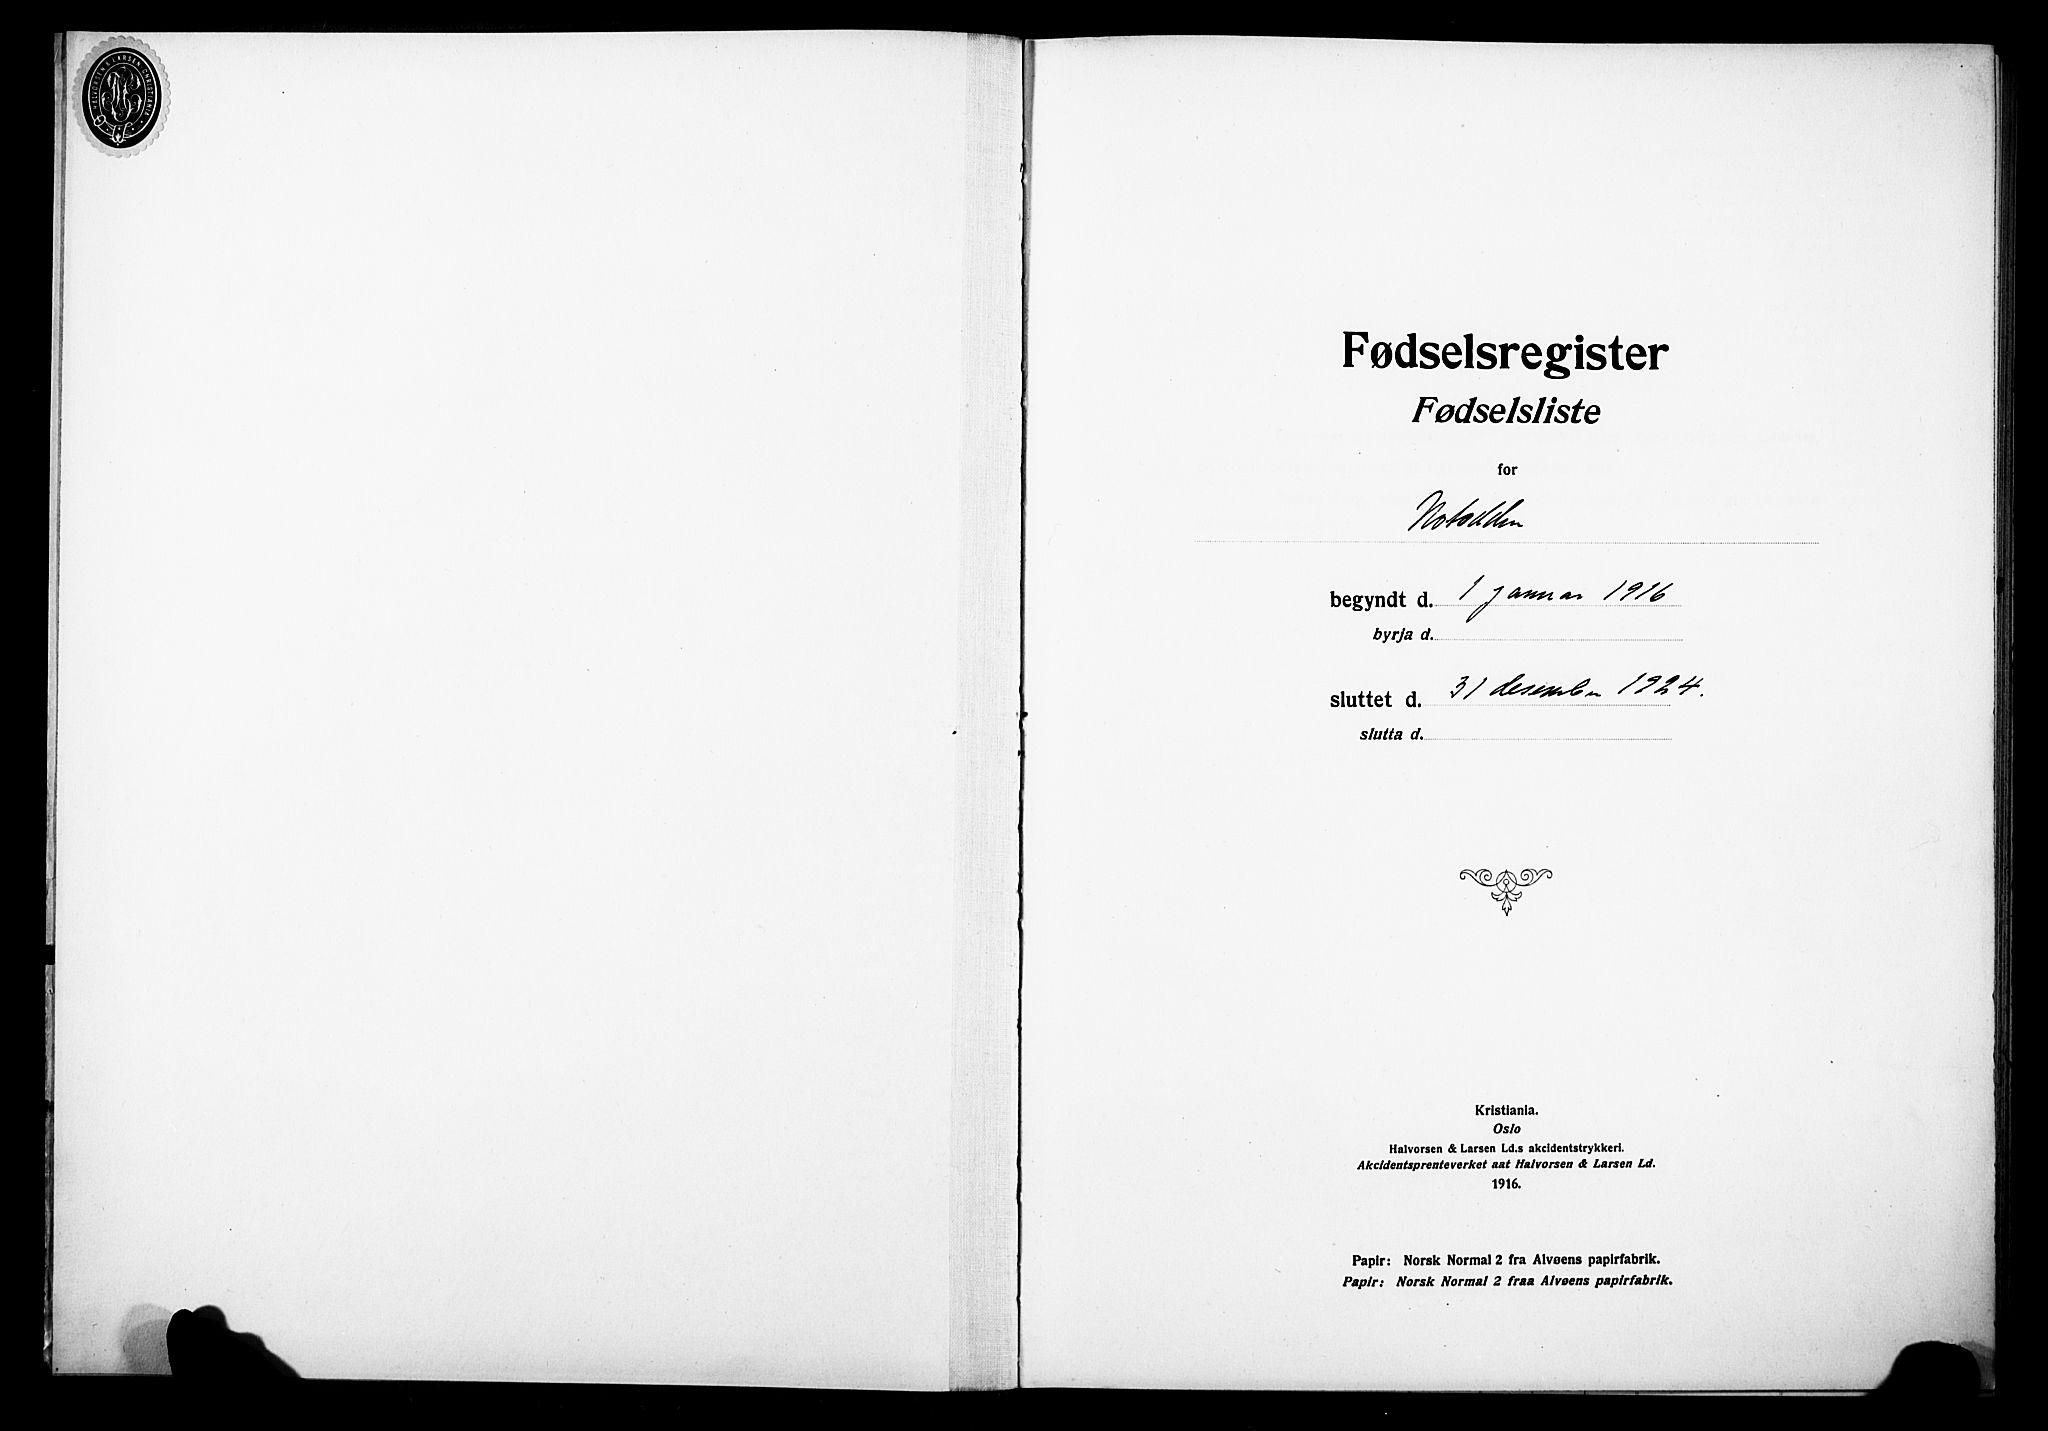 SAKO, Notodden kirkebøker, J/Ja/L0001: Fødselsregister nr. 1, 1916-1924